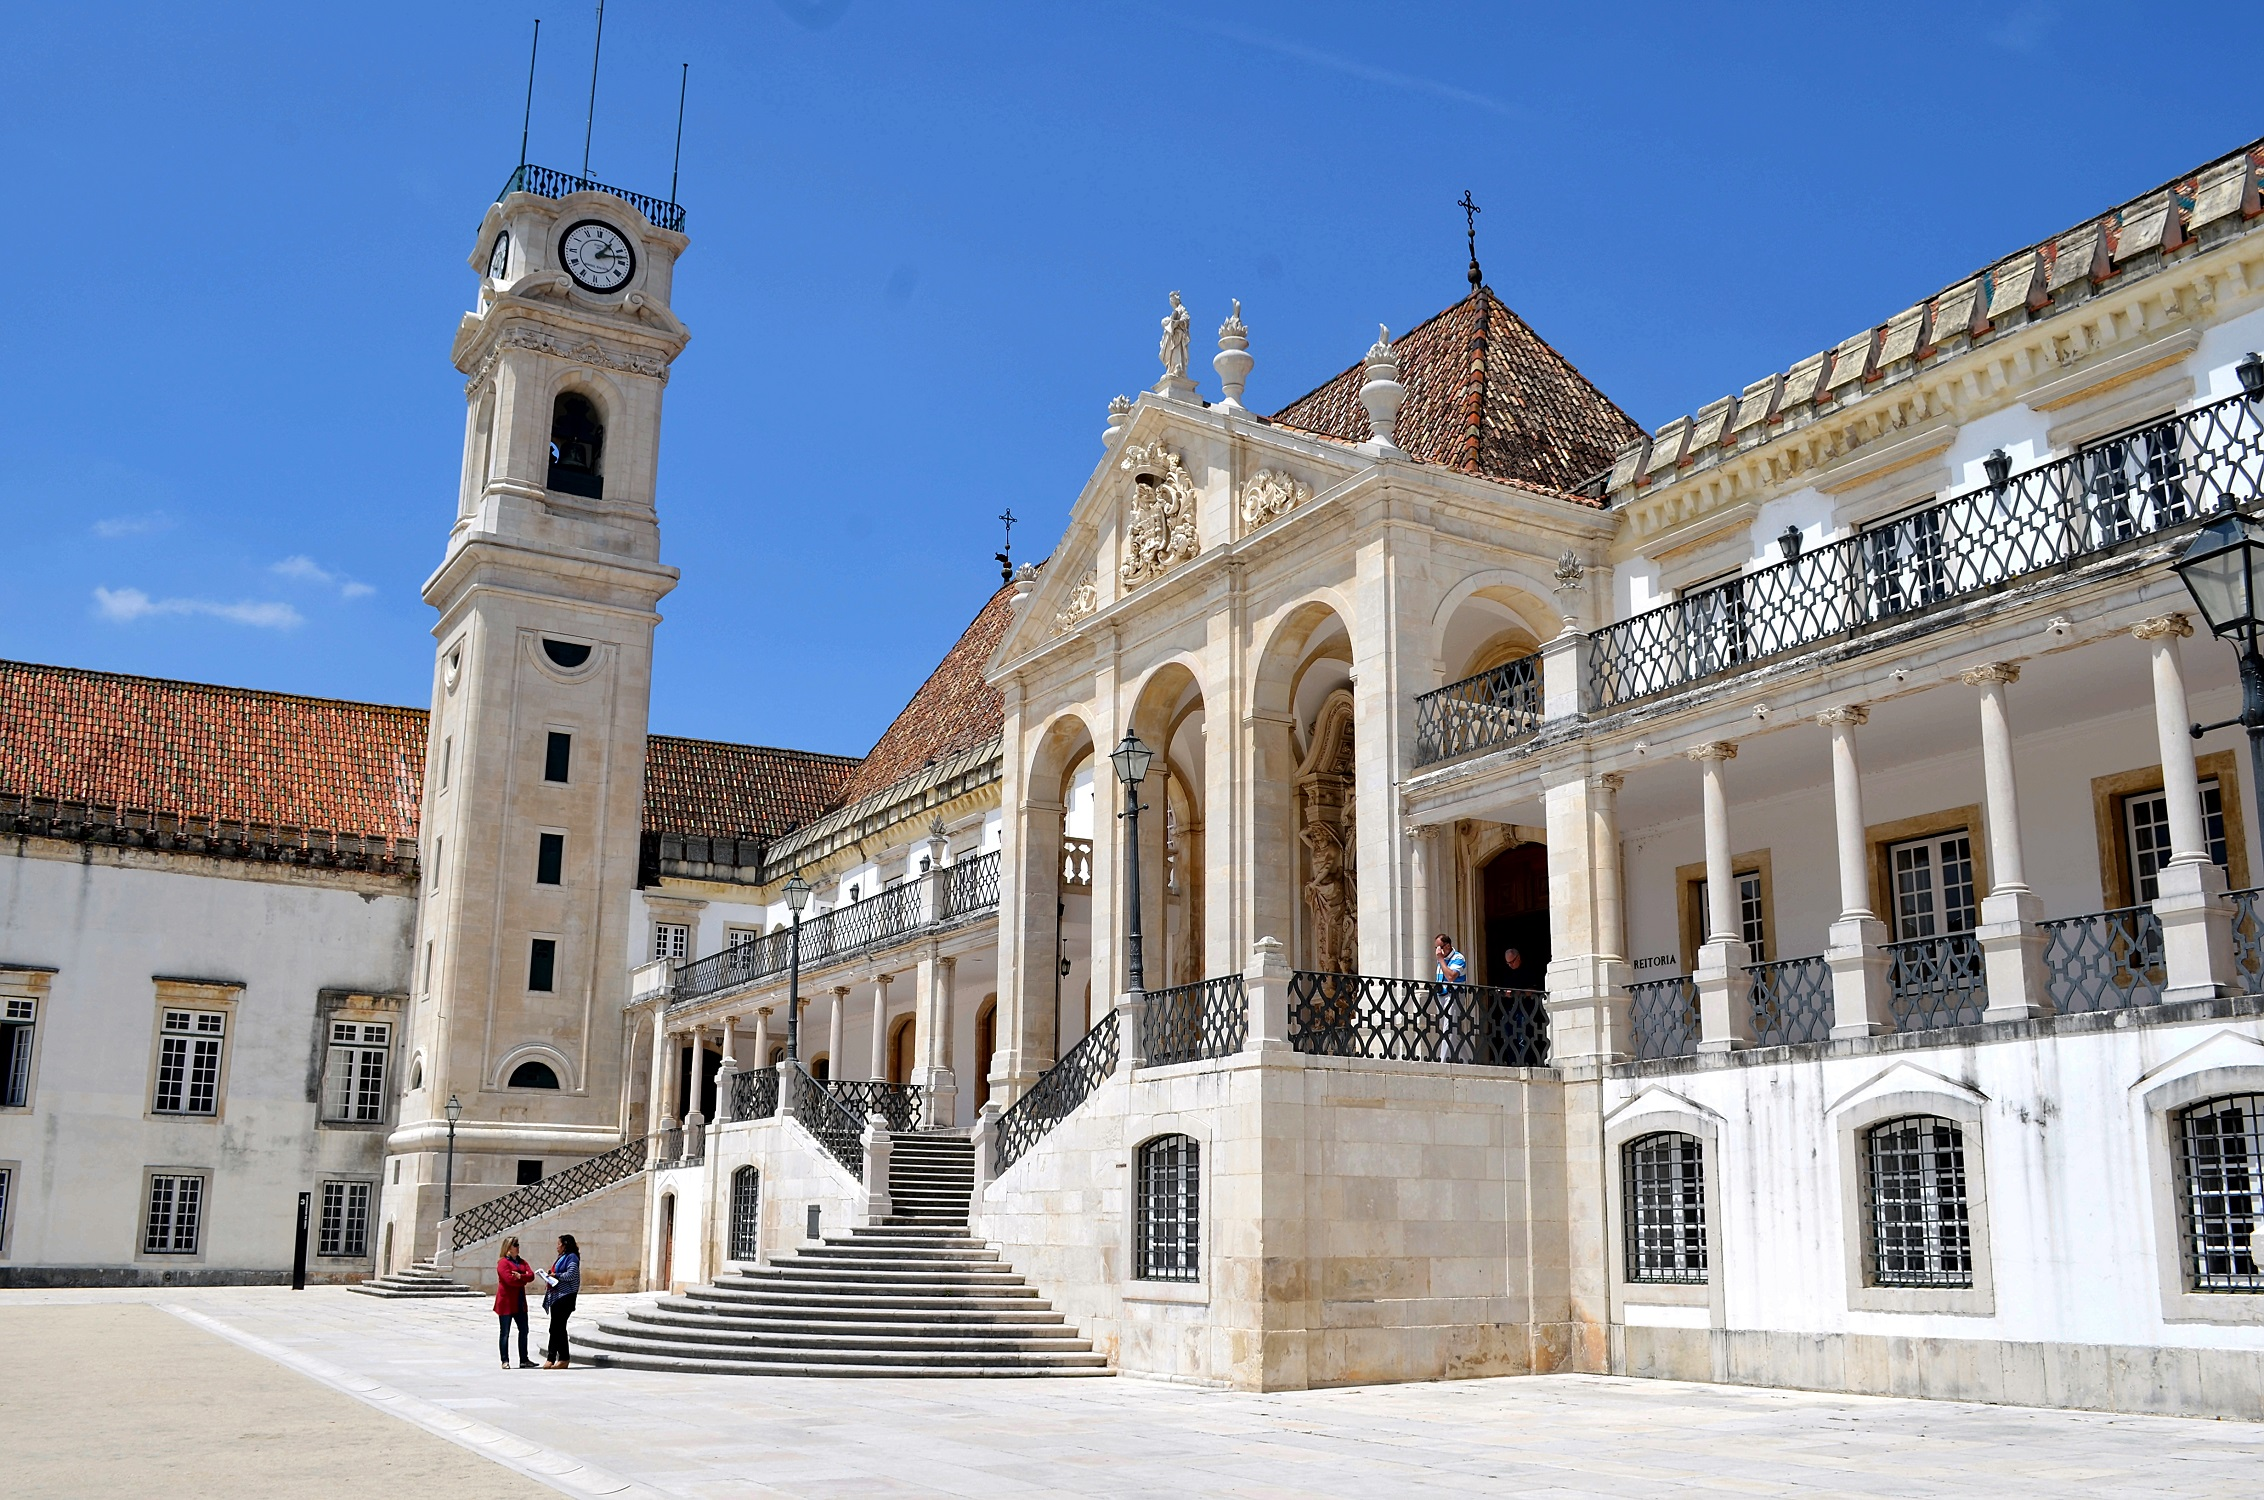 Turm und Palast des Rektors Coimbra Universität, Portugal